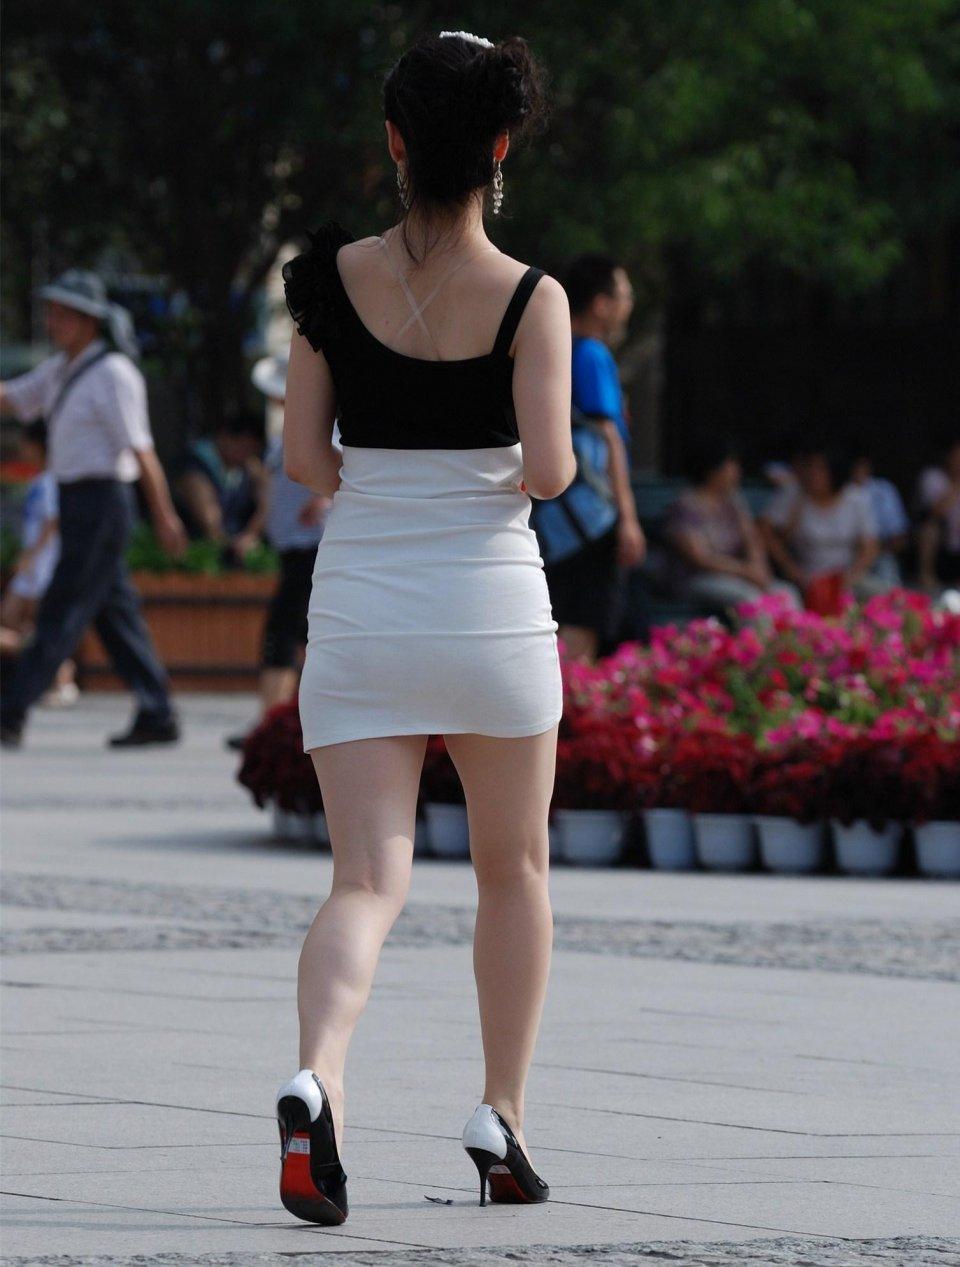 街拍。黑色露肩上衣搭配白色包臀裙。美女氣質迷人體型圓潤 - 壹讀